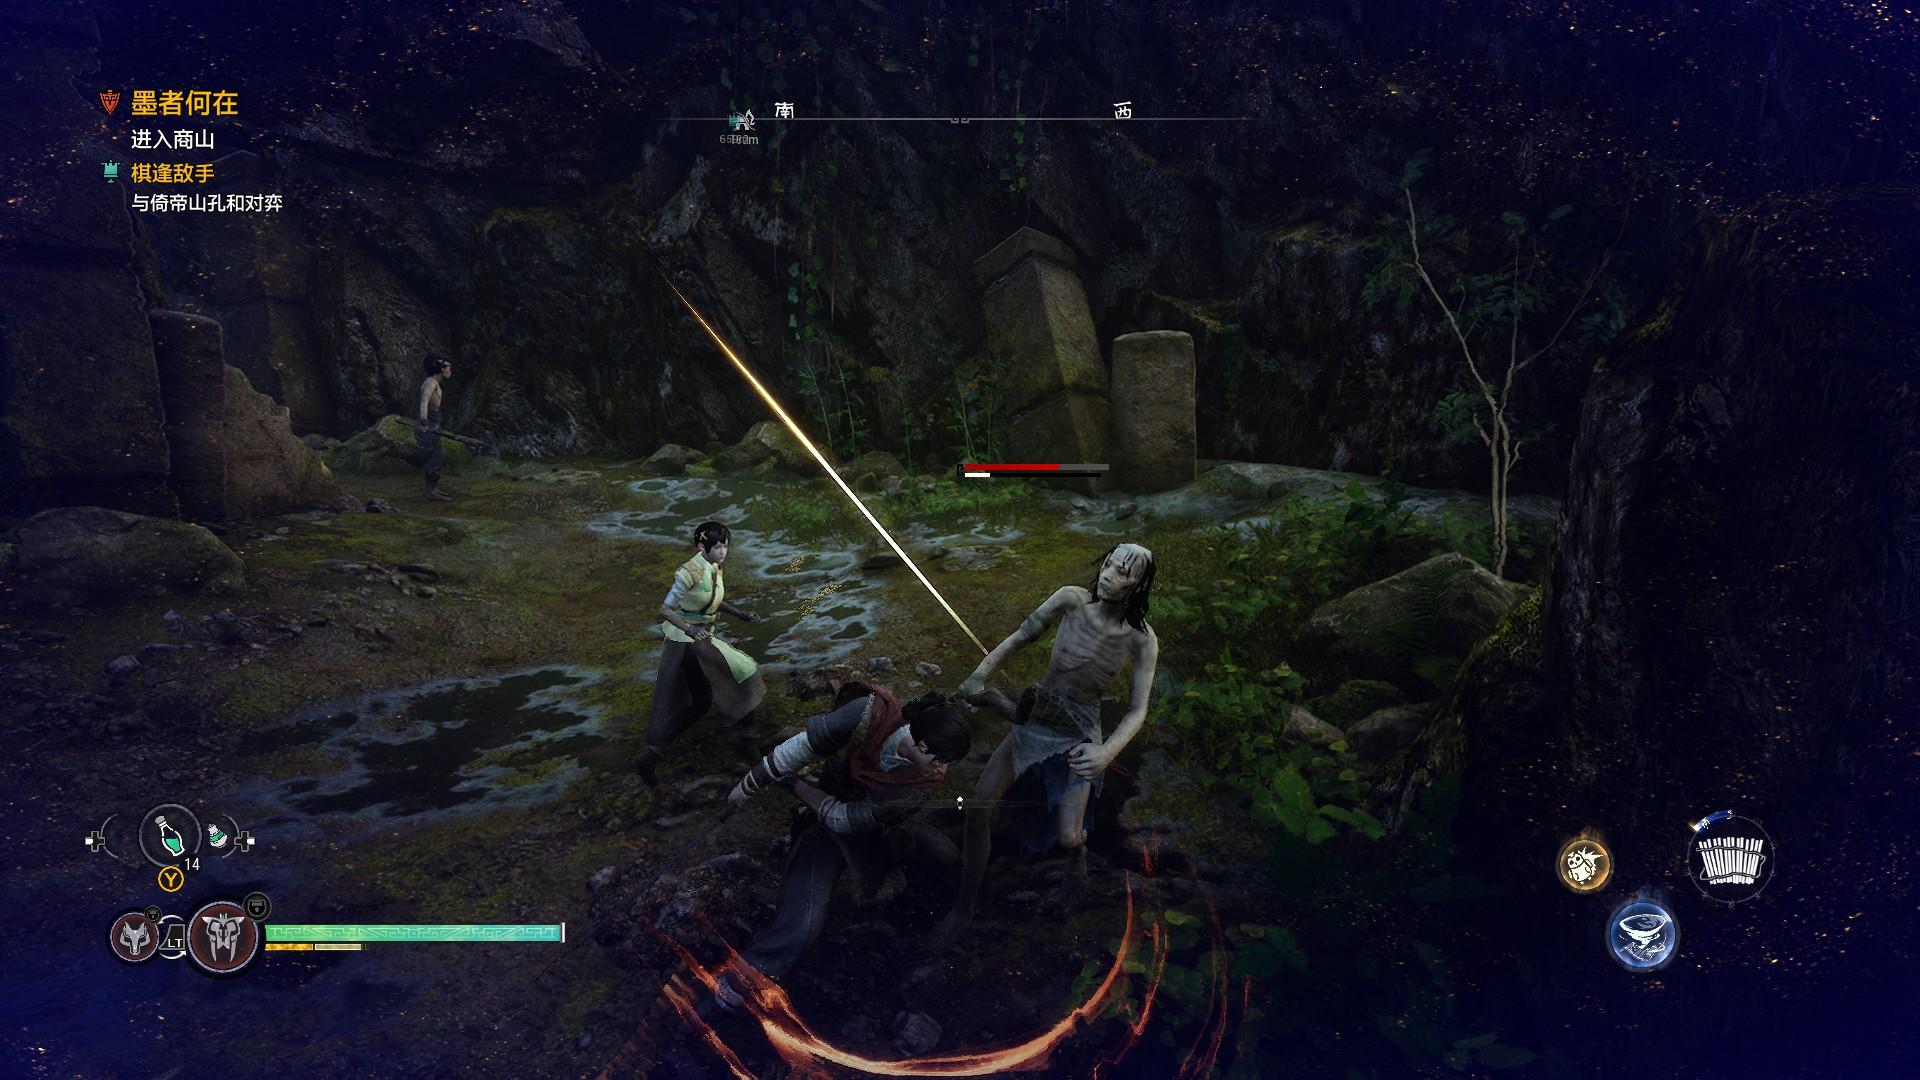 《轩辕剑柒》评测:虽有不足,但仍值得一试